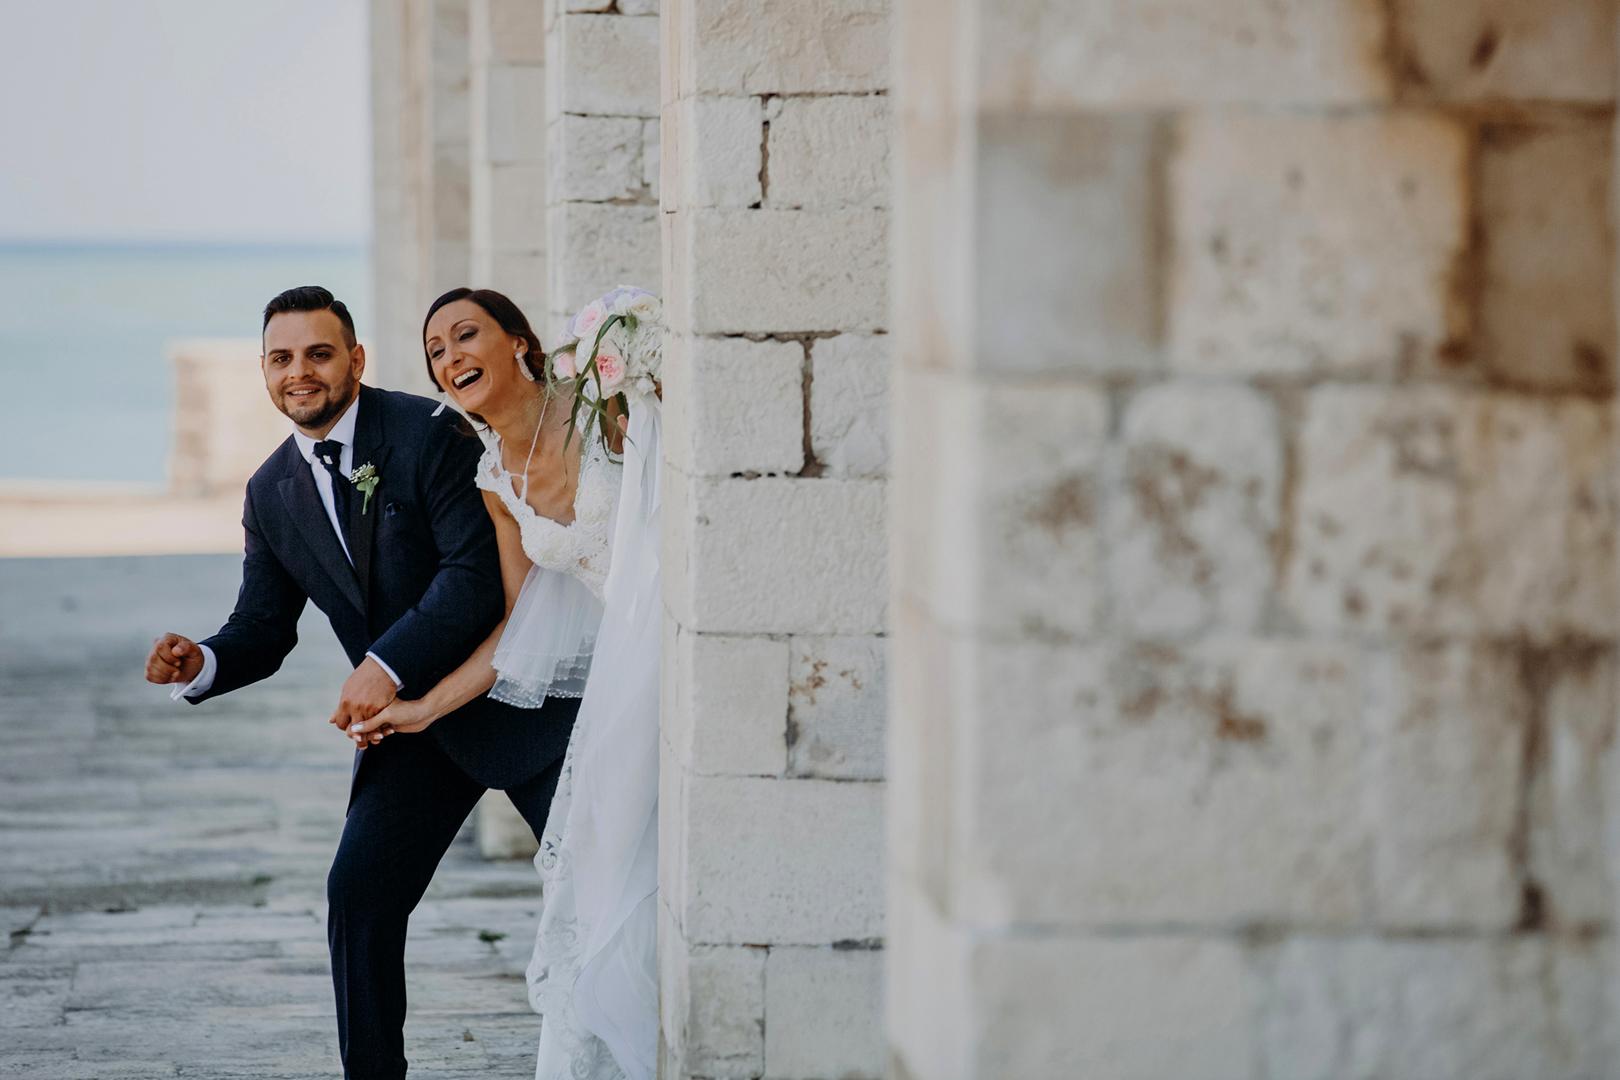 19 gianni-lepore-fotografo-lucera-matrimlonio-trani-cattedrale-sposi-groom-bride